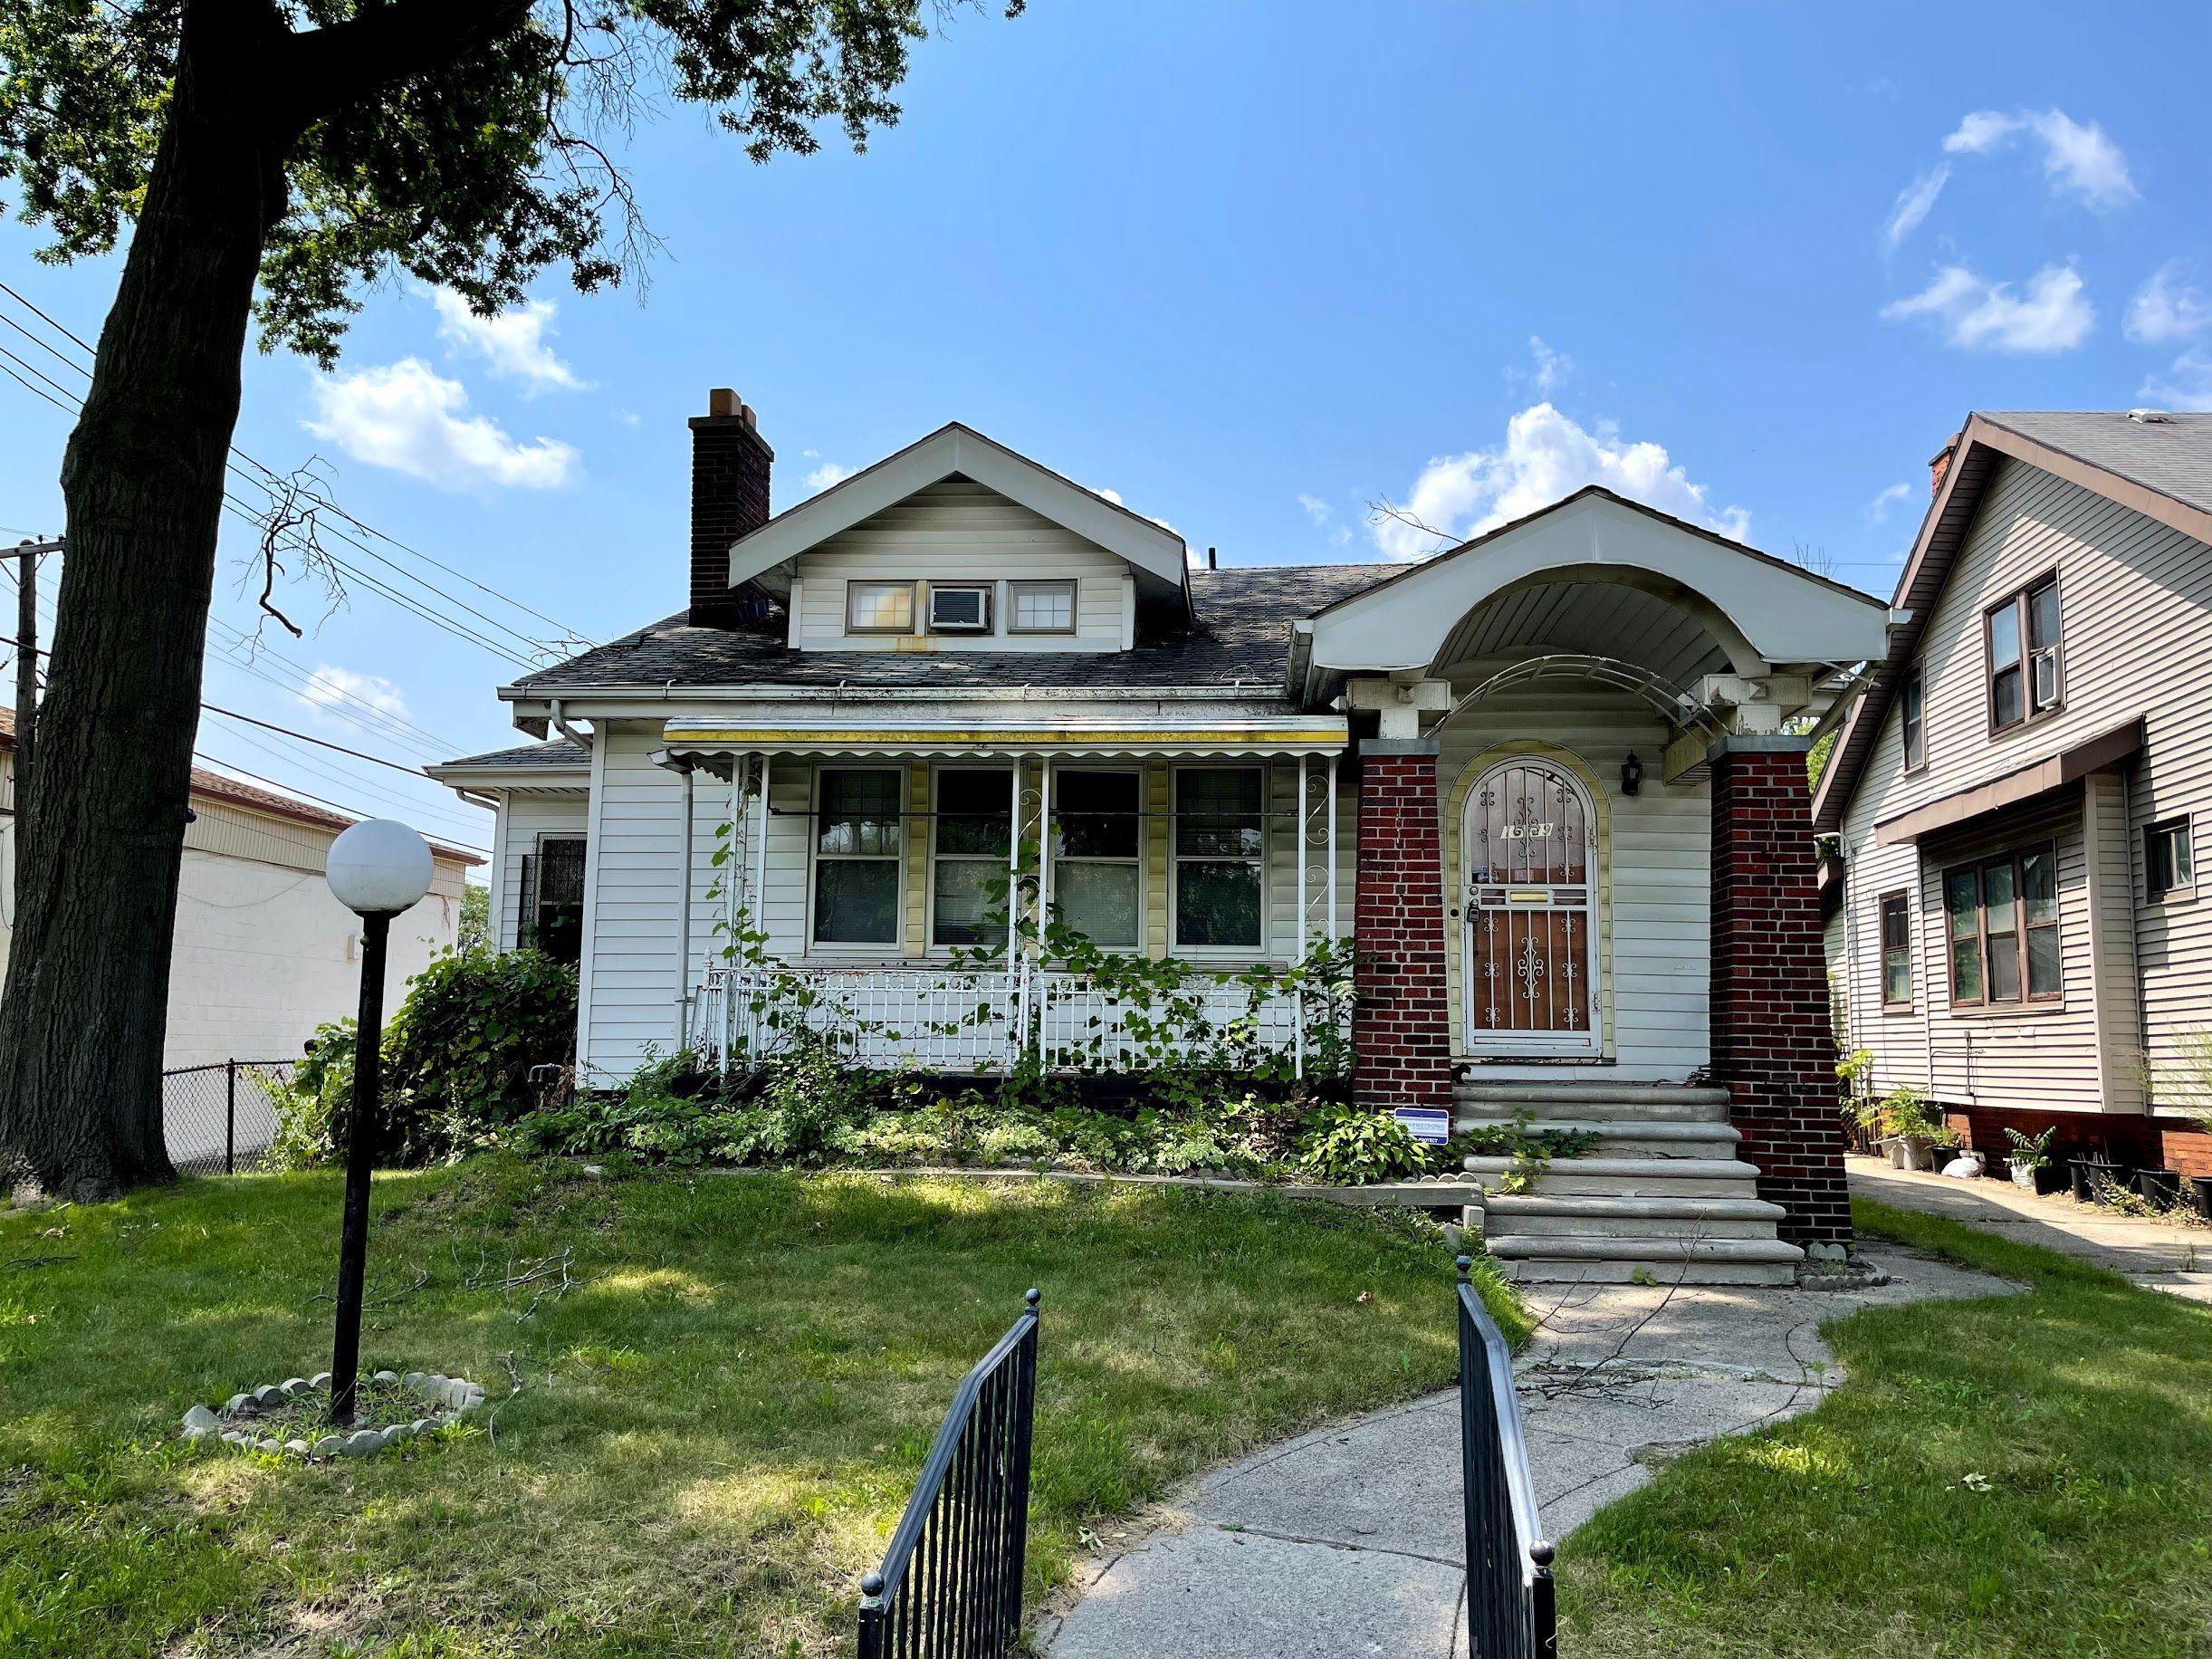 16129 Inverness St, Detroit, MI